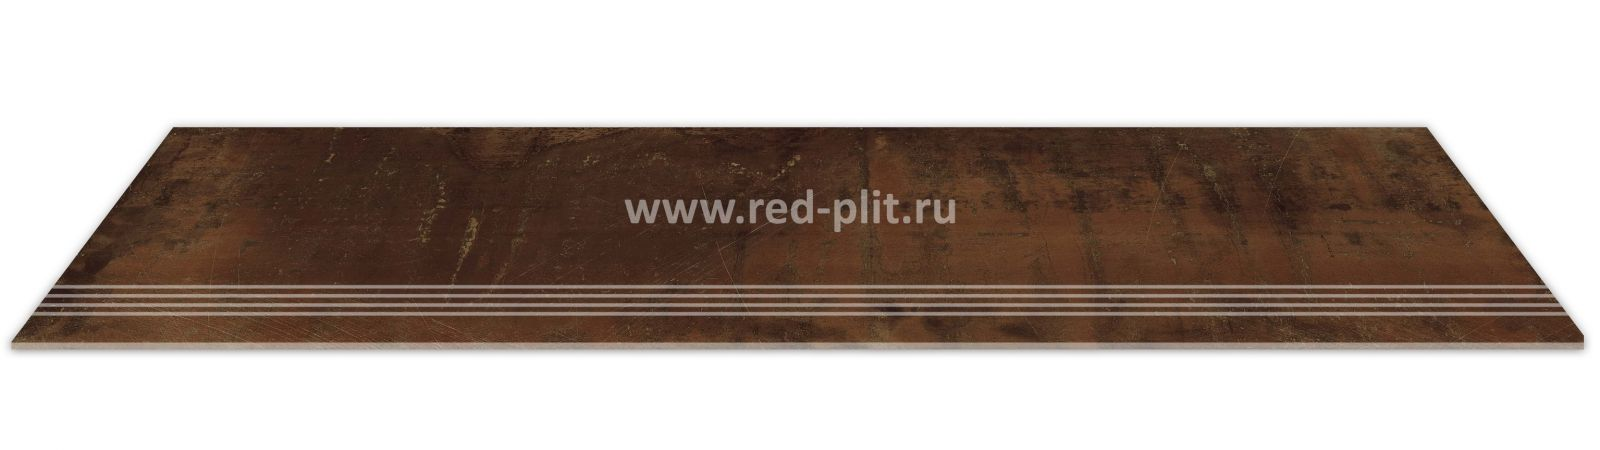 ступени из керамогранита, ступени коричневого цвета, ступени коричневого цвета, облицовка лестниц ступенями,